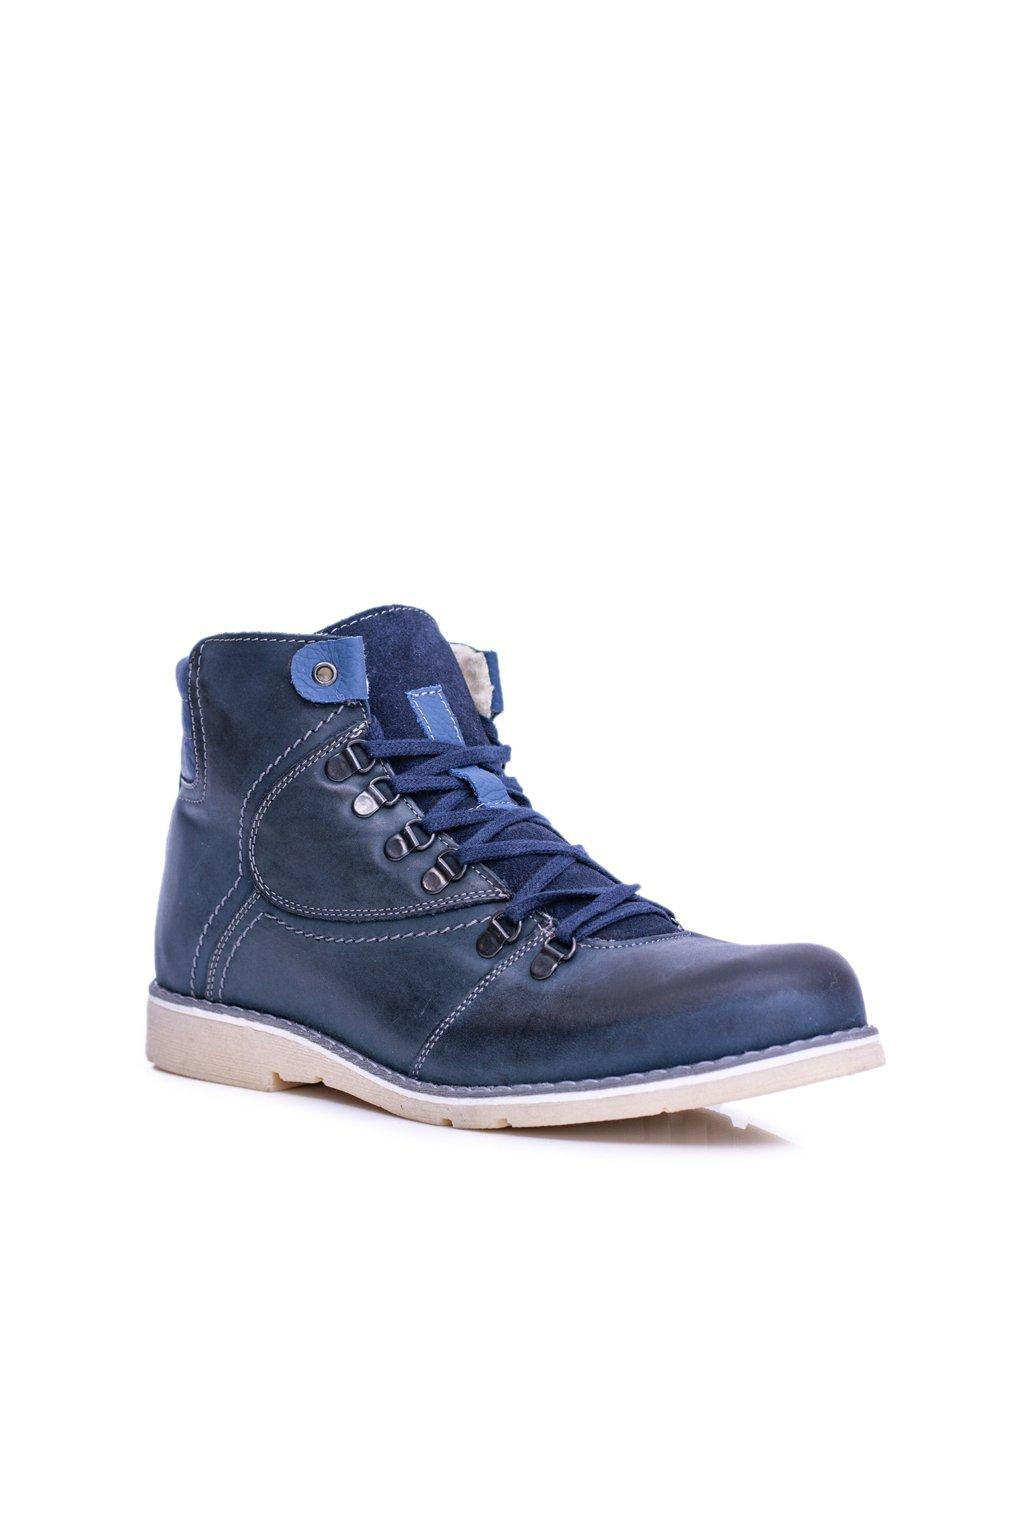 pánske kožené vysoké topánky Teplé tmavo modré Komodo 733